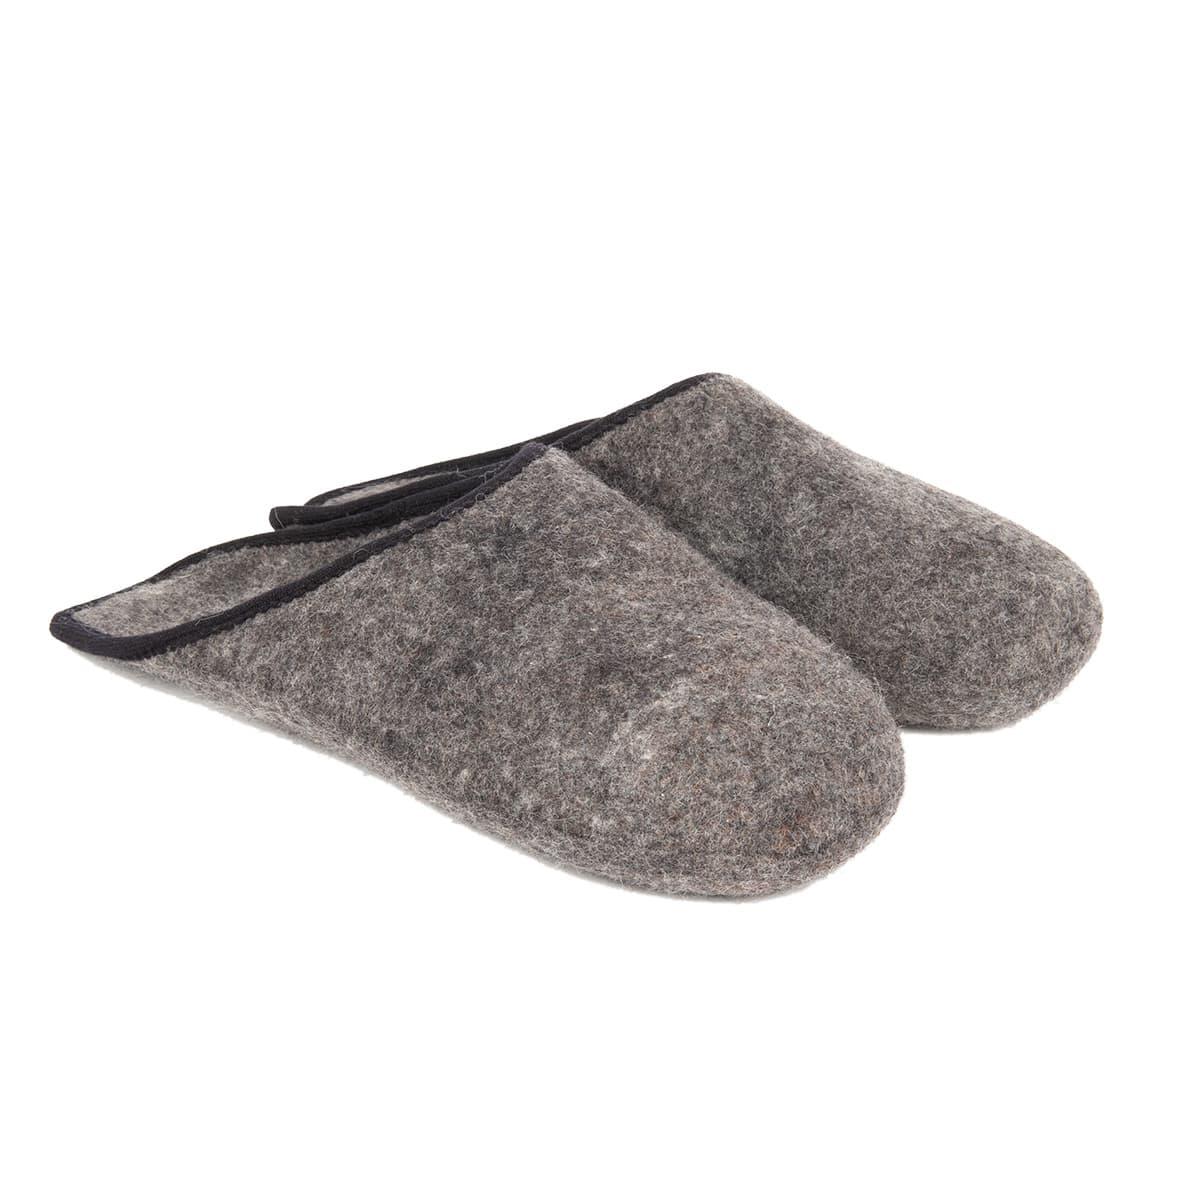 new arrival 05f60 2daa9 Pantofole in puro feltro lana da usare come soprascarpa